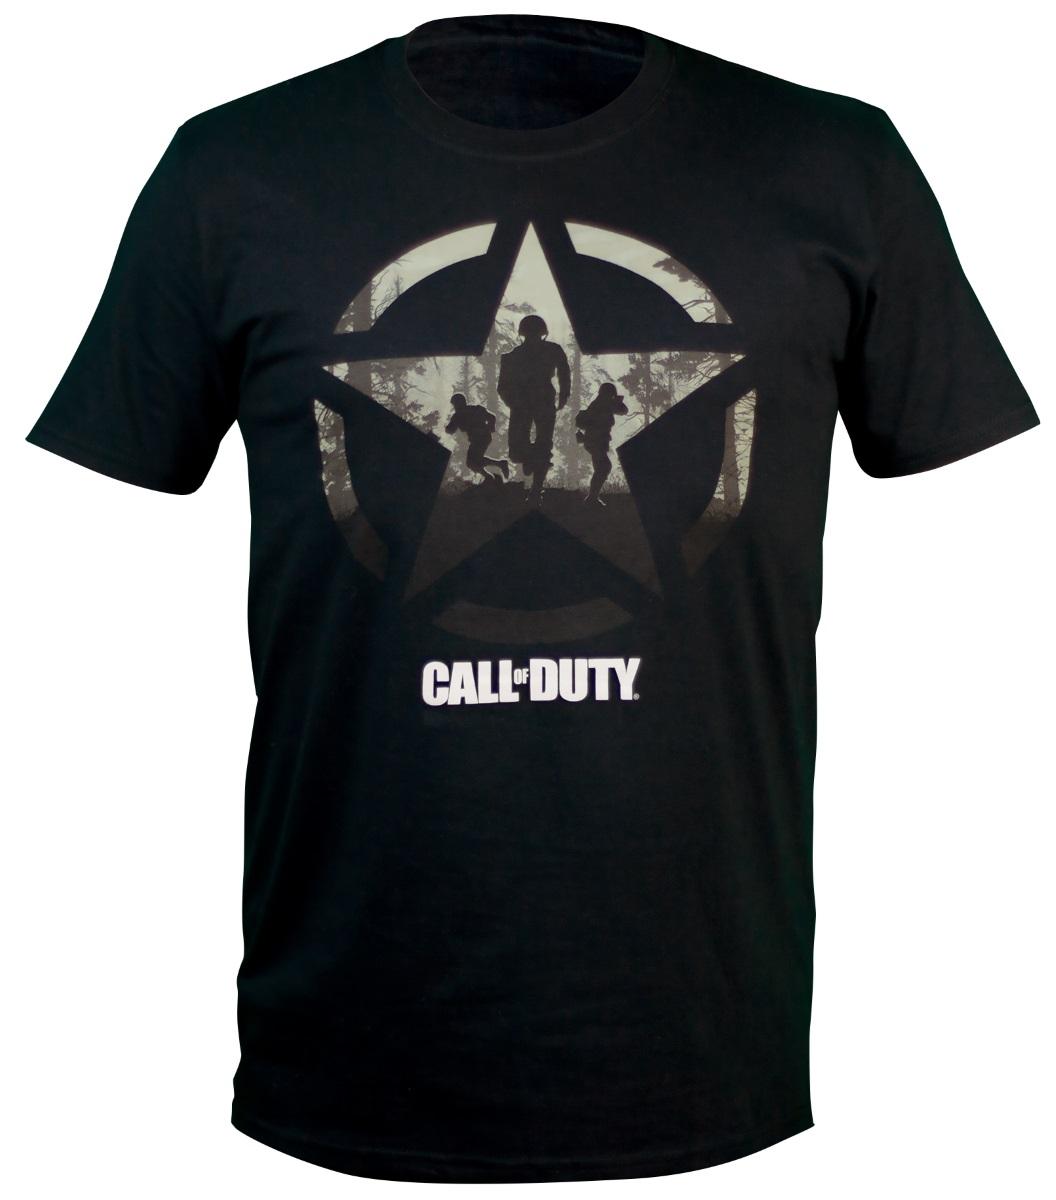 Футболка Call Of Duty WWII: Star Soliders (черная)Лицензионная футболка с круглым воротом из 100% хлопка Call Of Duty WWII: Star Soliders станет отличным подарком для фанатов игры и легендарной серии в целом.<br>